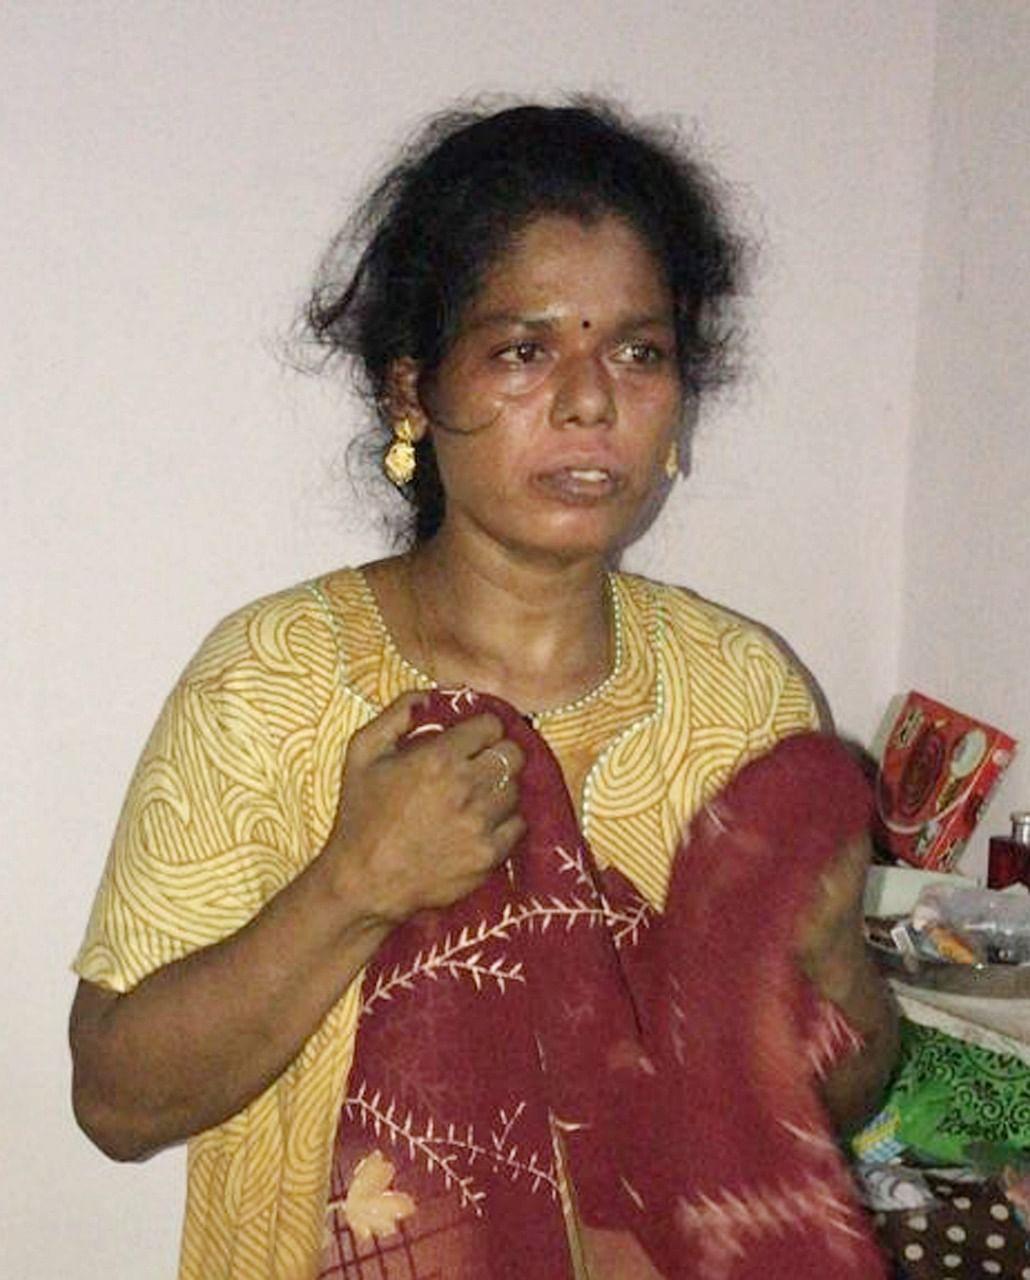 குழந்தையை கடத்திய விஜி